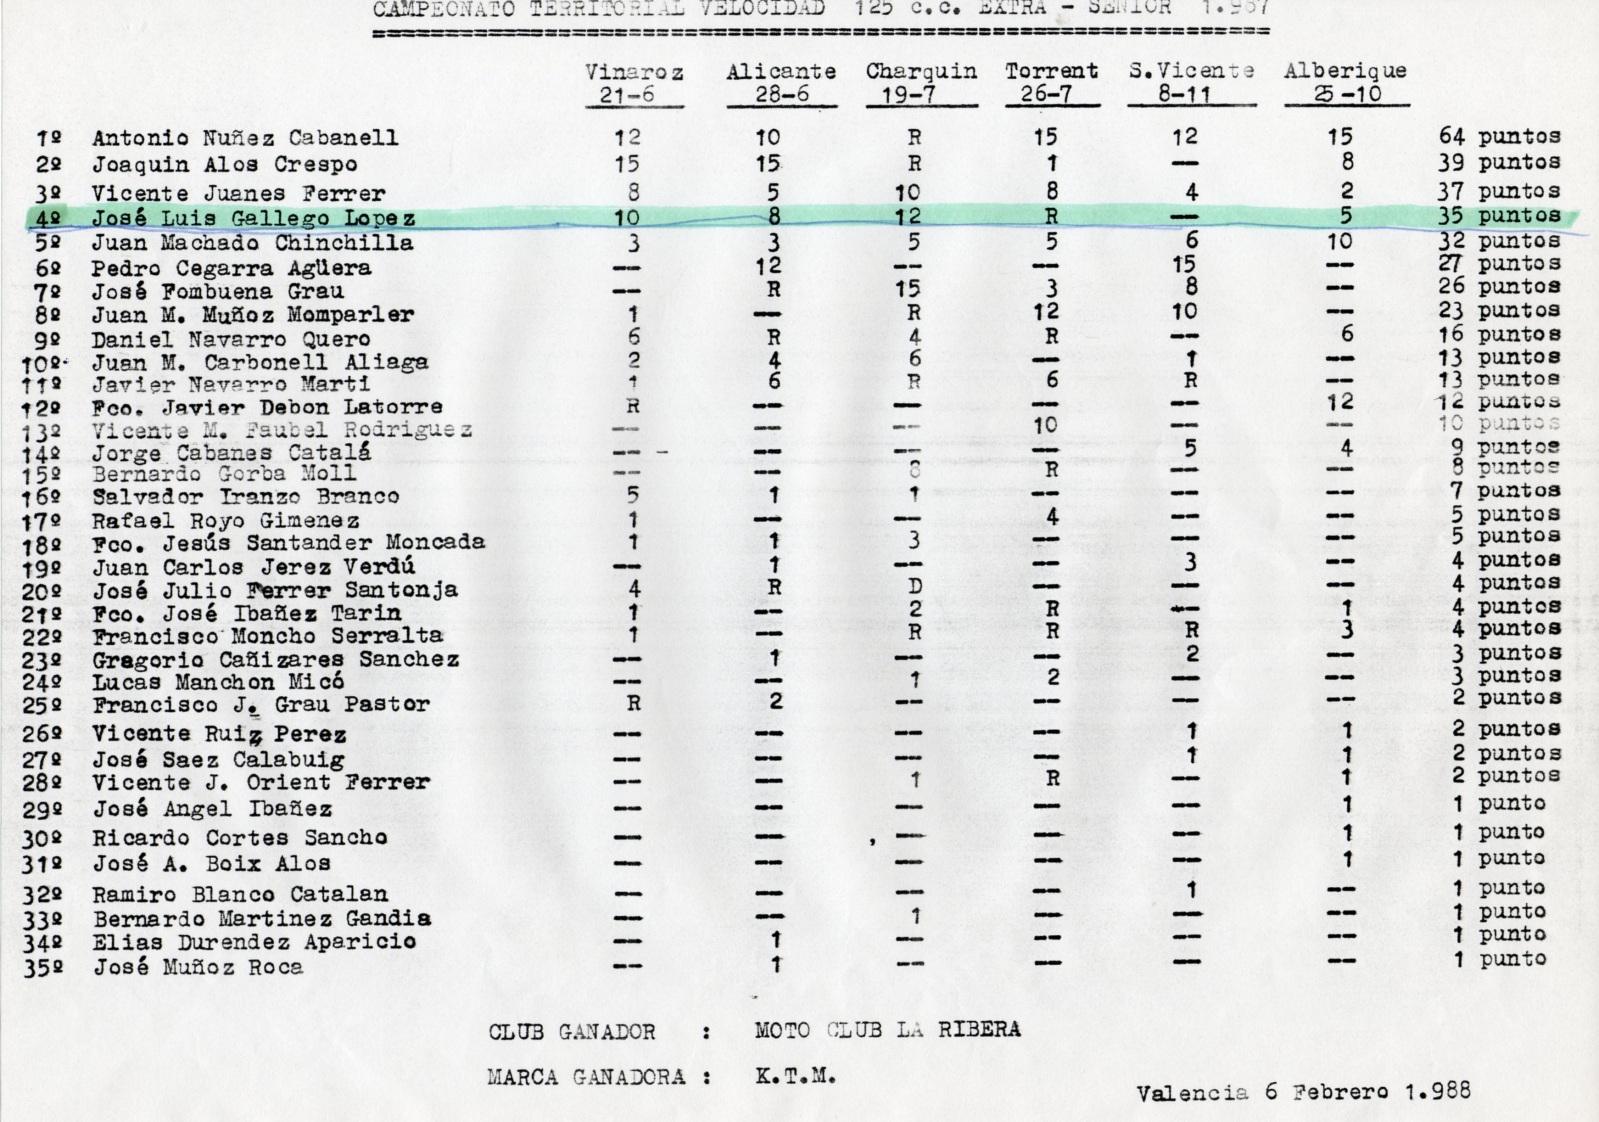 gilera - Antiguos pilotos: José Luis Gallego (V) 1z2hcsg